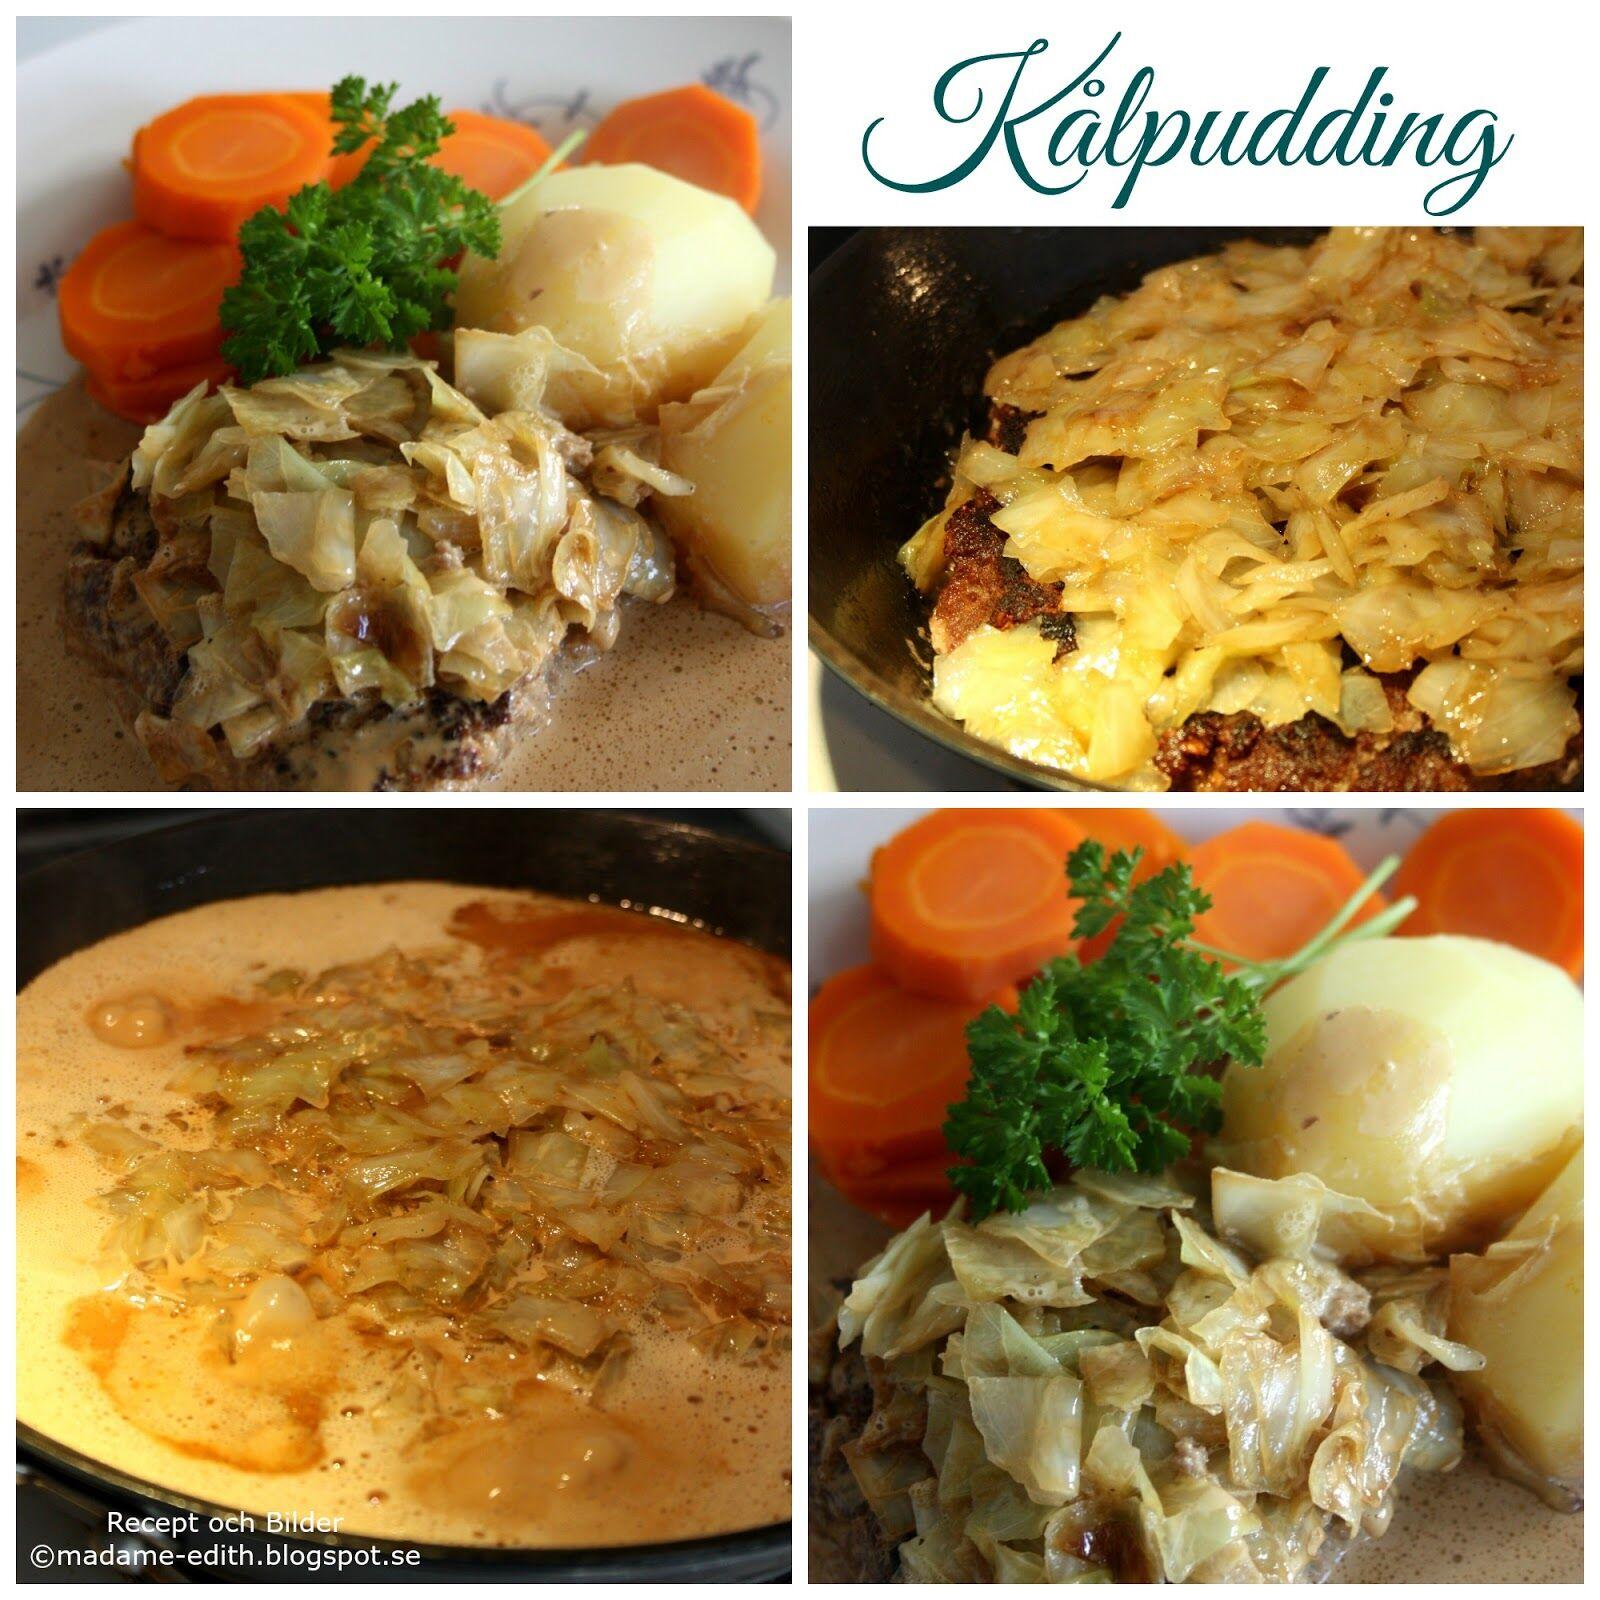 kålpudding stekpanna (1)